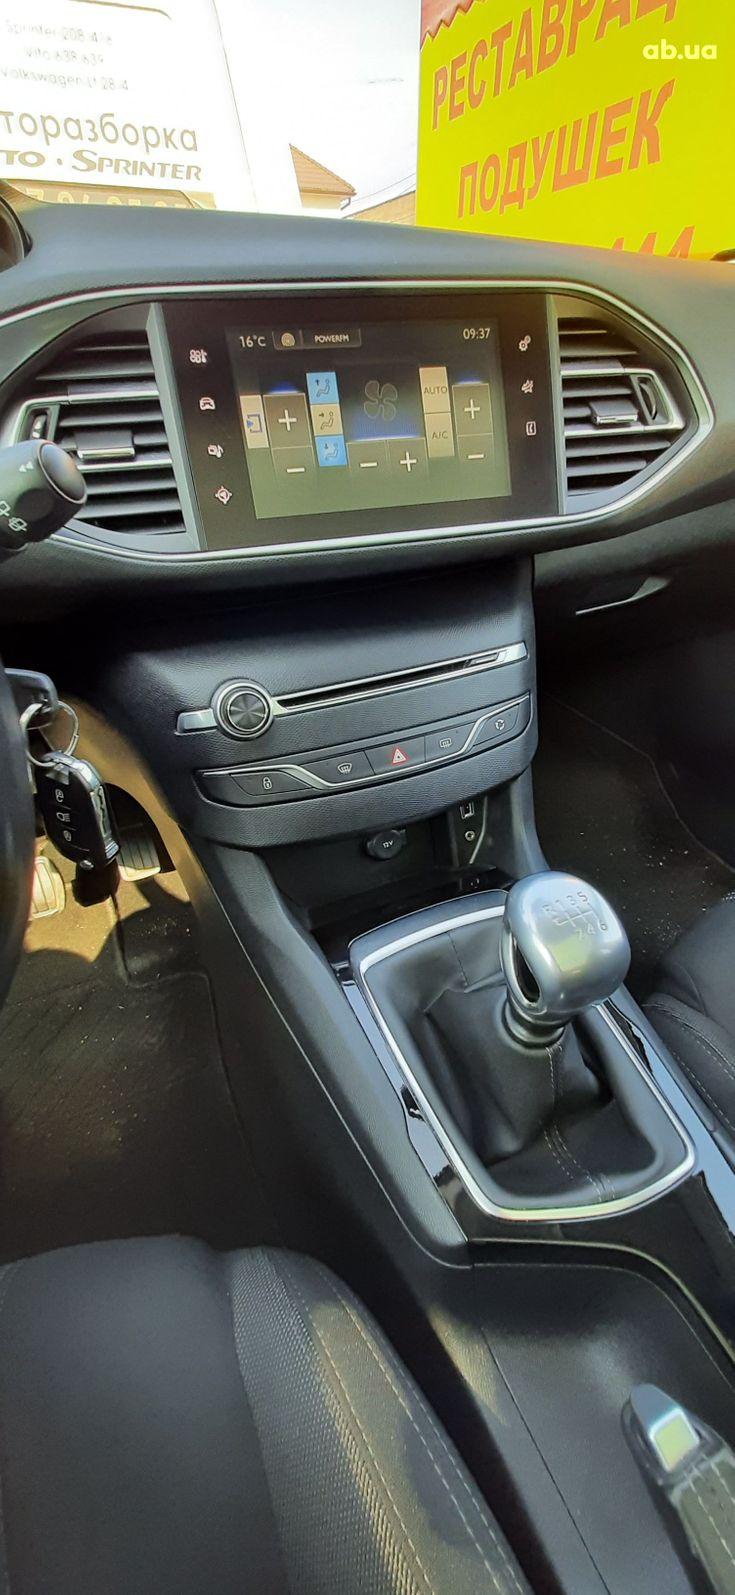 Peugeot 308 2015 синий - фото 14